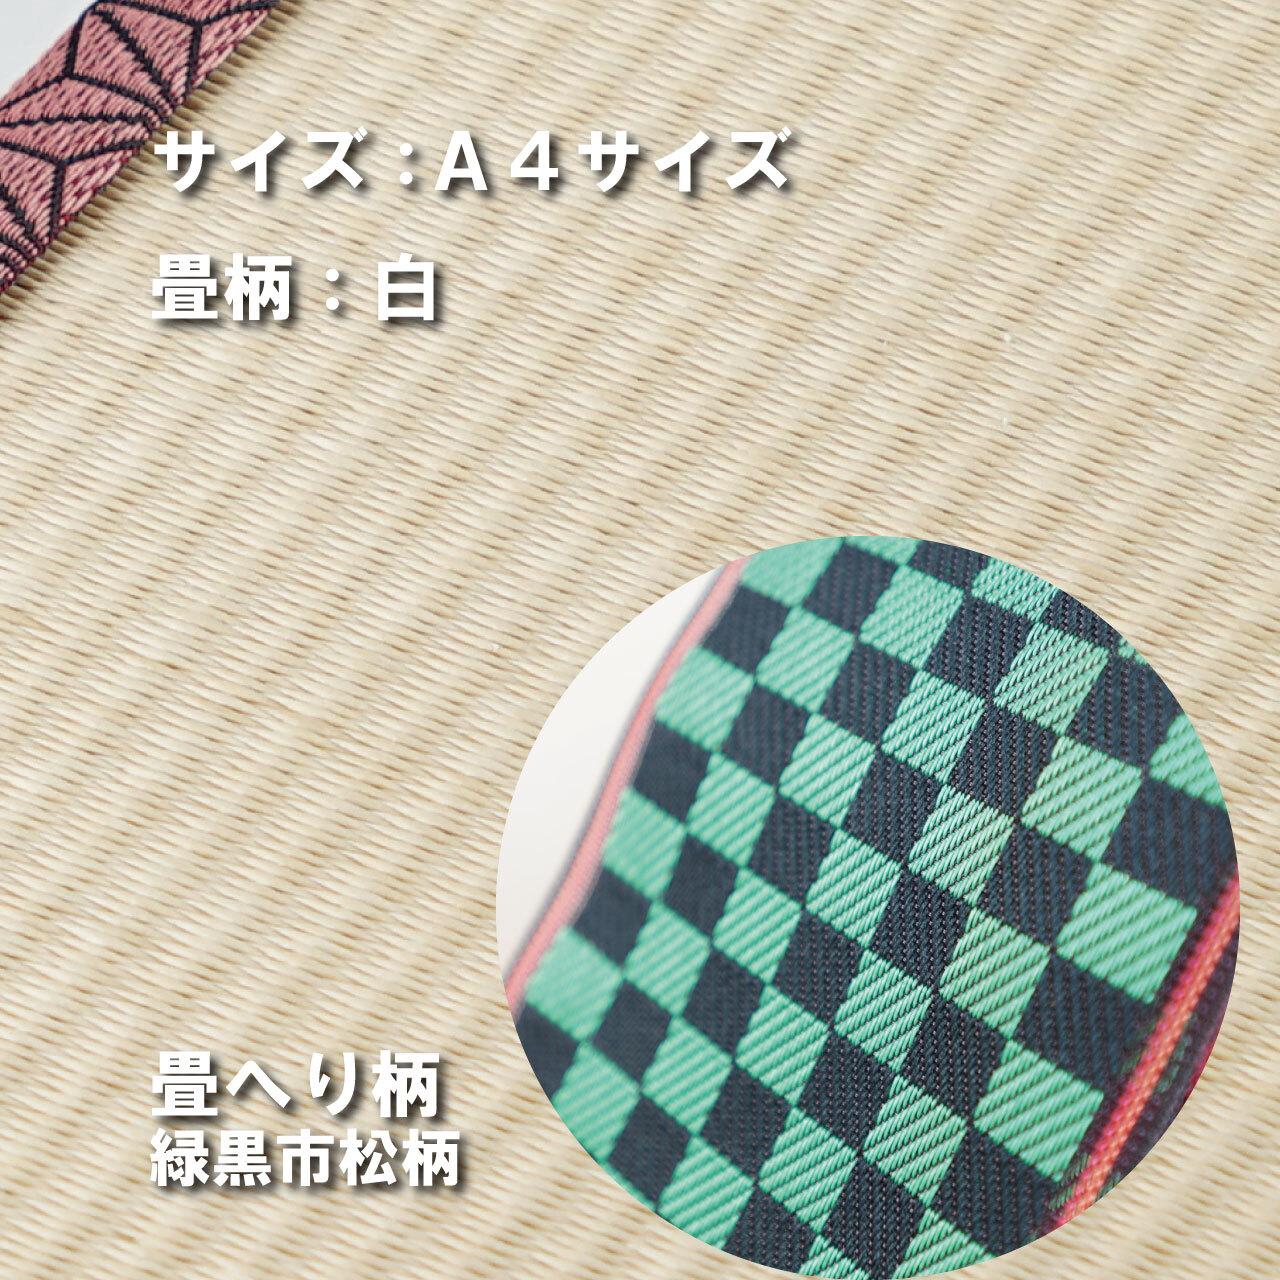 ミニ畳台 フィギア台や小物置きに♪ A4サイズ 畳:白 縁の柄:緑黒市松柄 A4W006